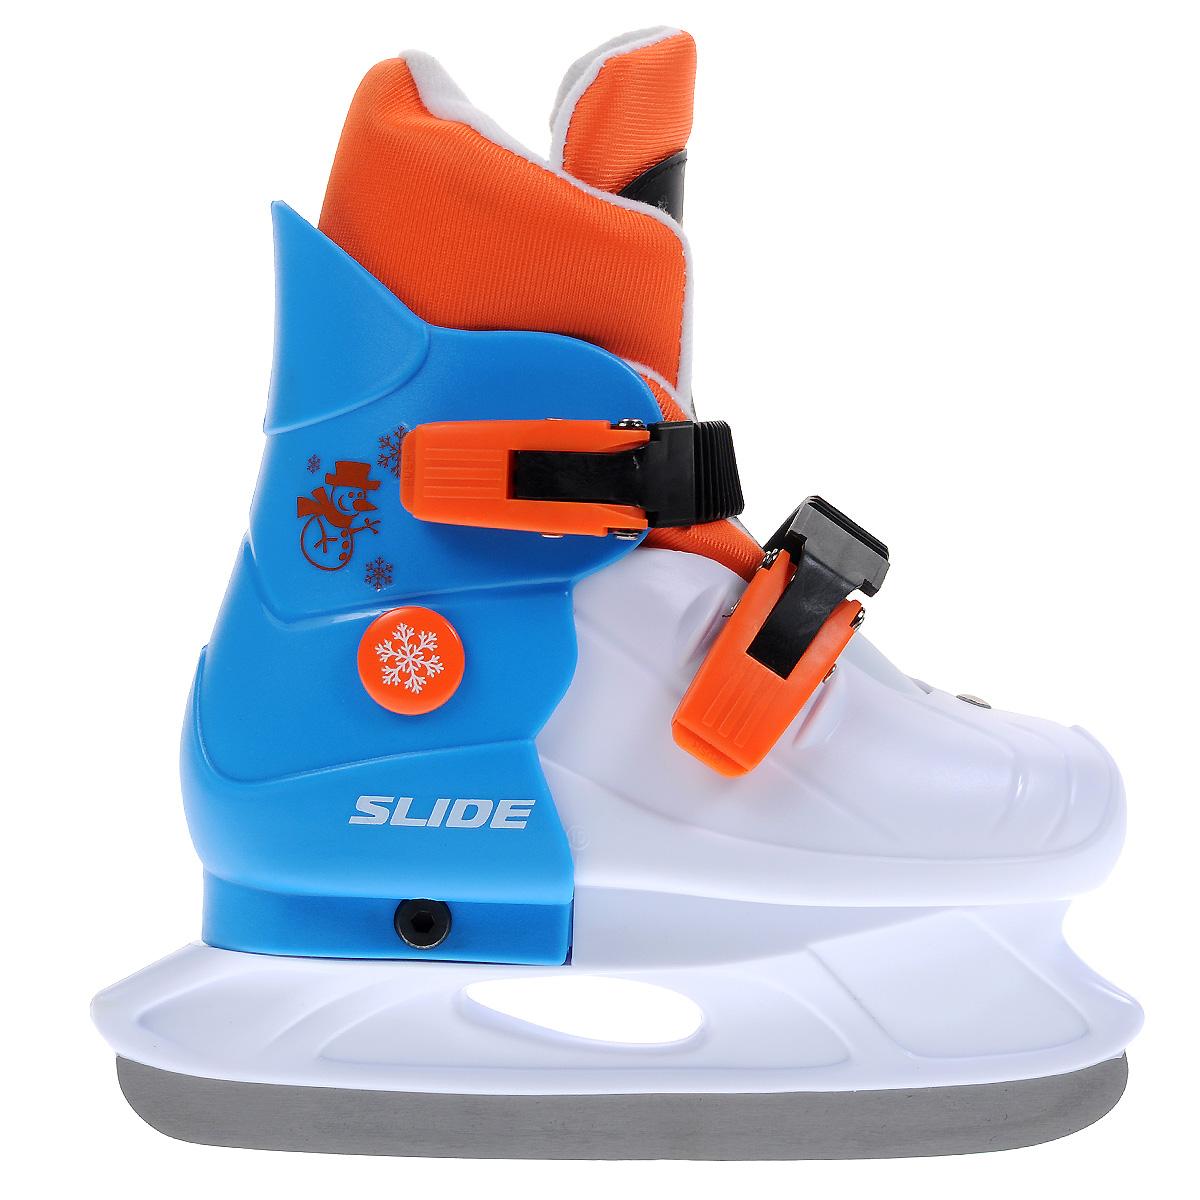 Коньки ледовые детские Larsen Slide, раздвижные, цвет: белый, голубой, оранжевый. Размер S (29/32)